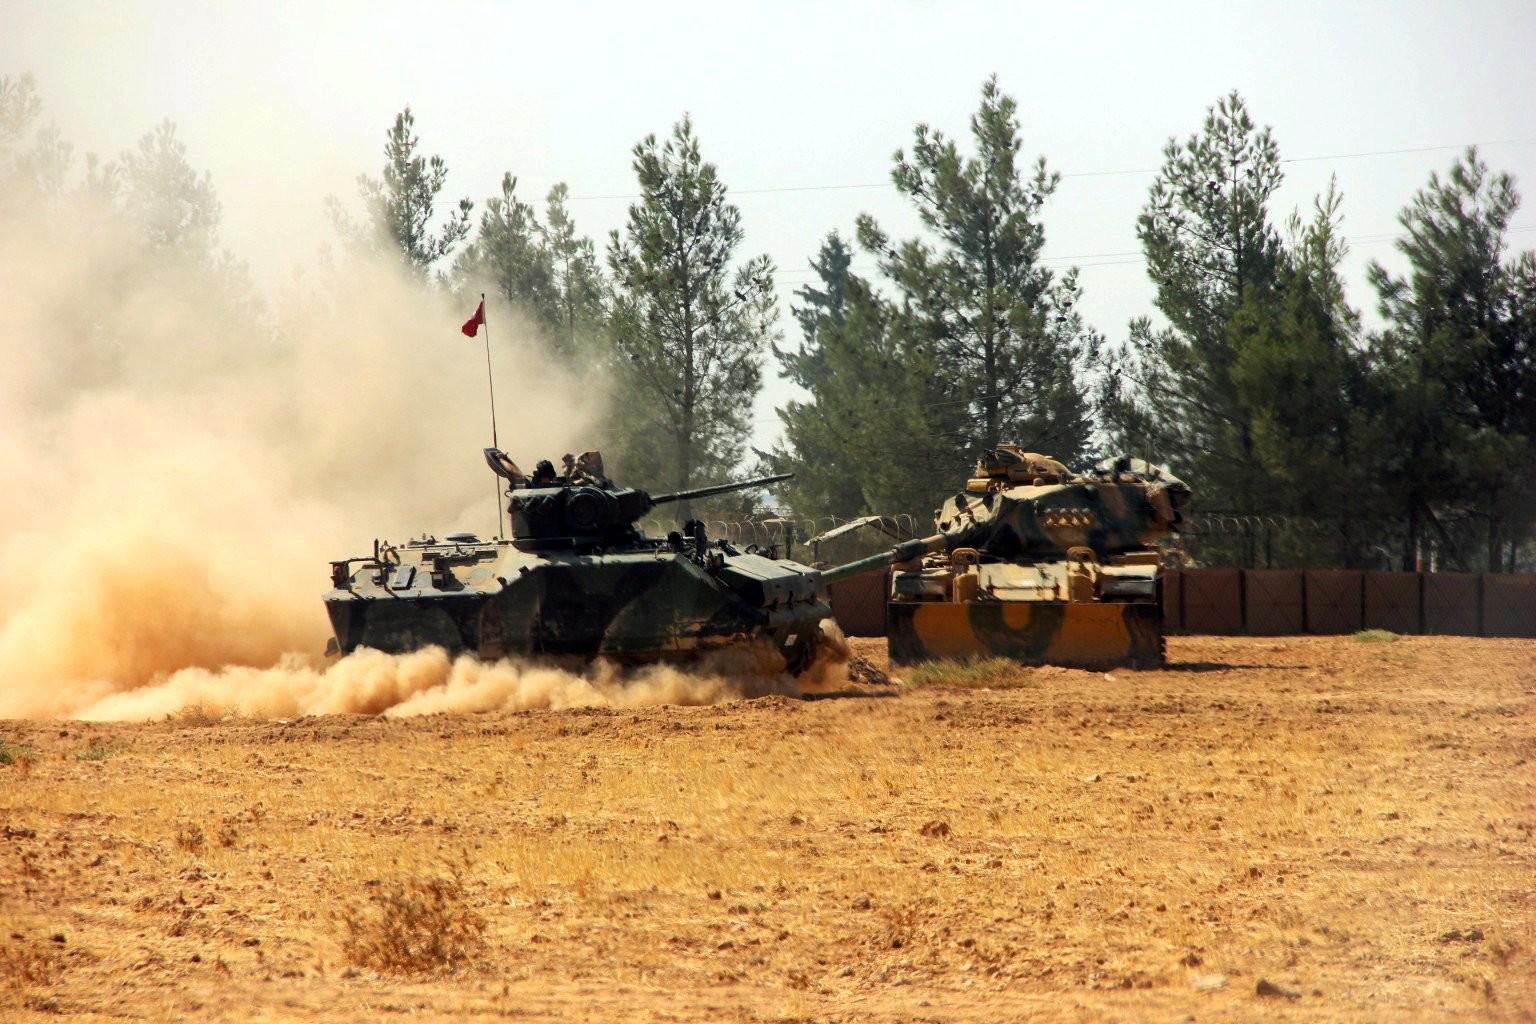 Когда цель не видна: с чем пришли в Сирию турецкие войска